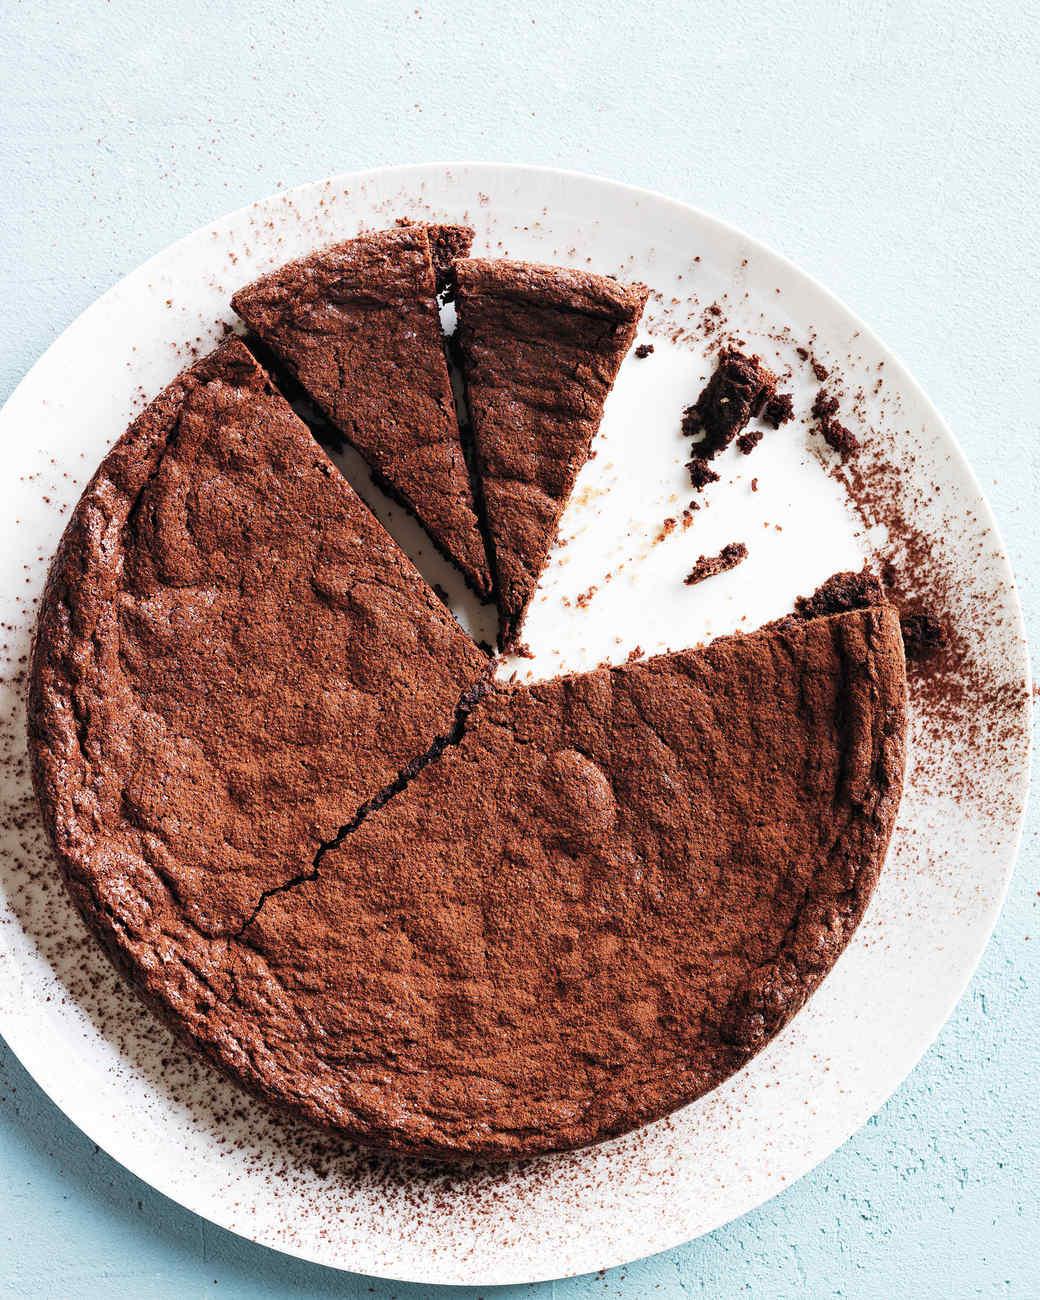 Chocolate gateau recipe nz